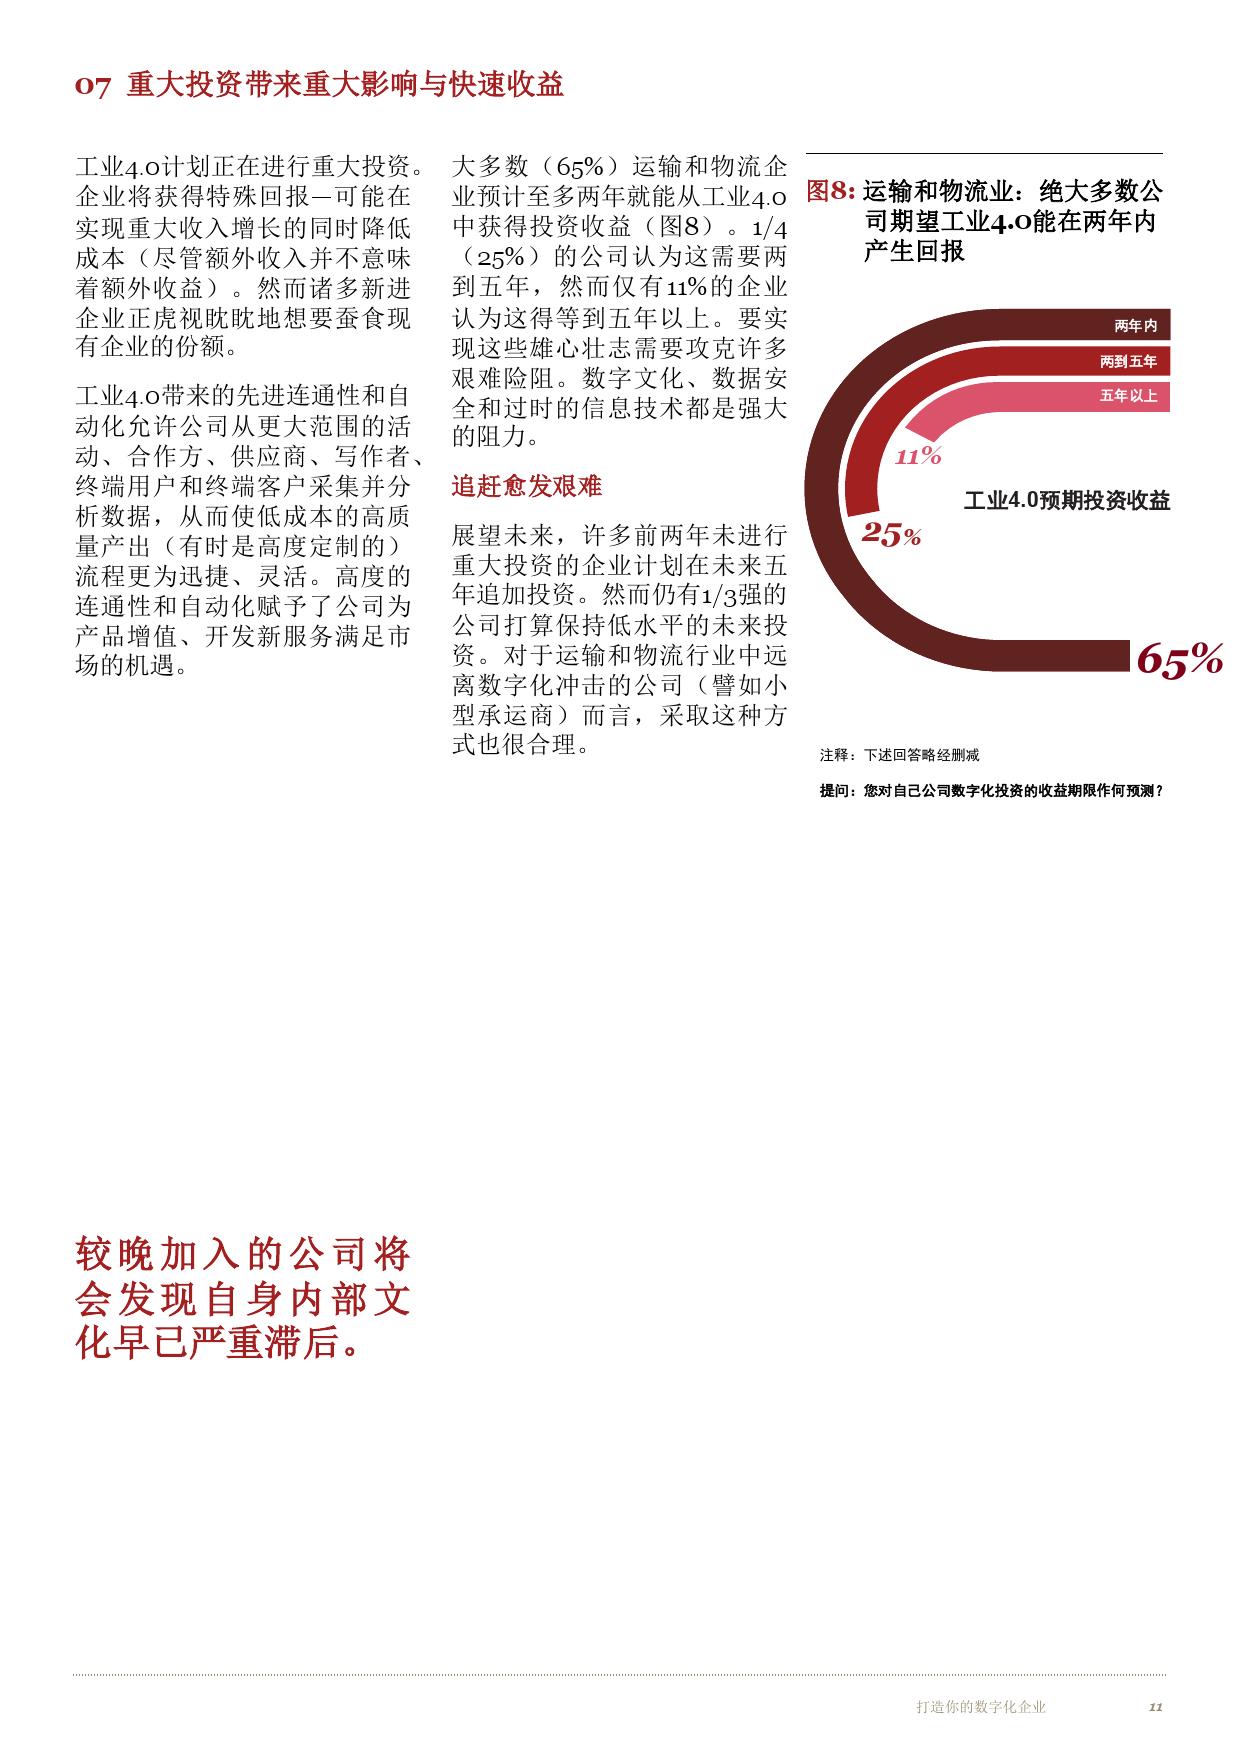 2016%e5%85%a8%e7%90%83%e5%b7%a5%e4%b8%9a4-0%e8%b0%83%e7%a0%94_000011